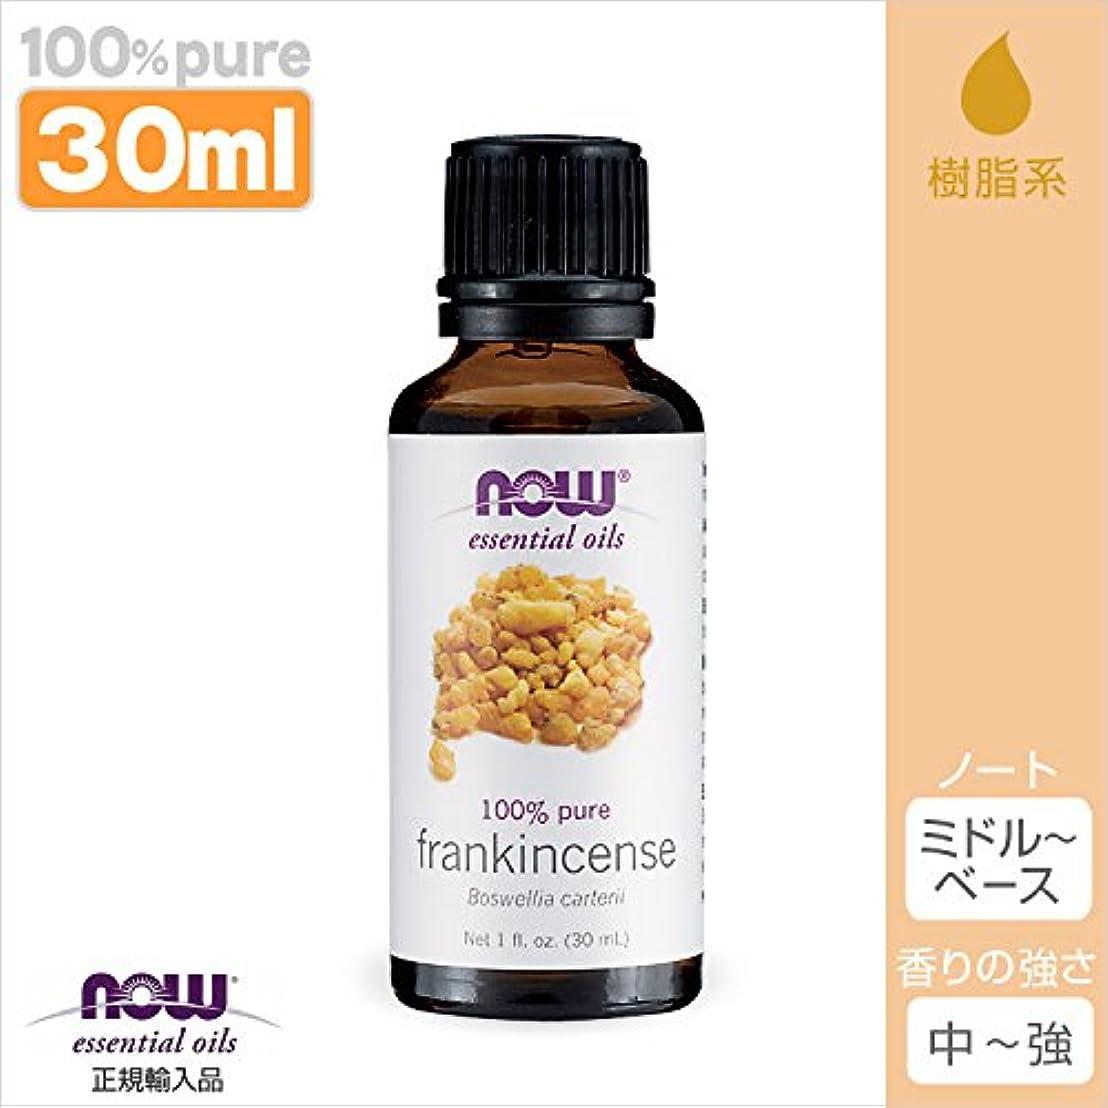 宝素人呼びかけるフランキンセンス 精油[30ml]  【正規輸入品】 NOWエッセンシャルオイル(アロマオイル)